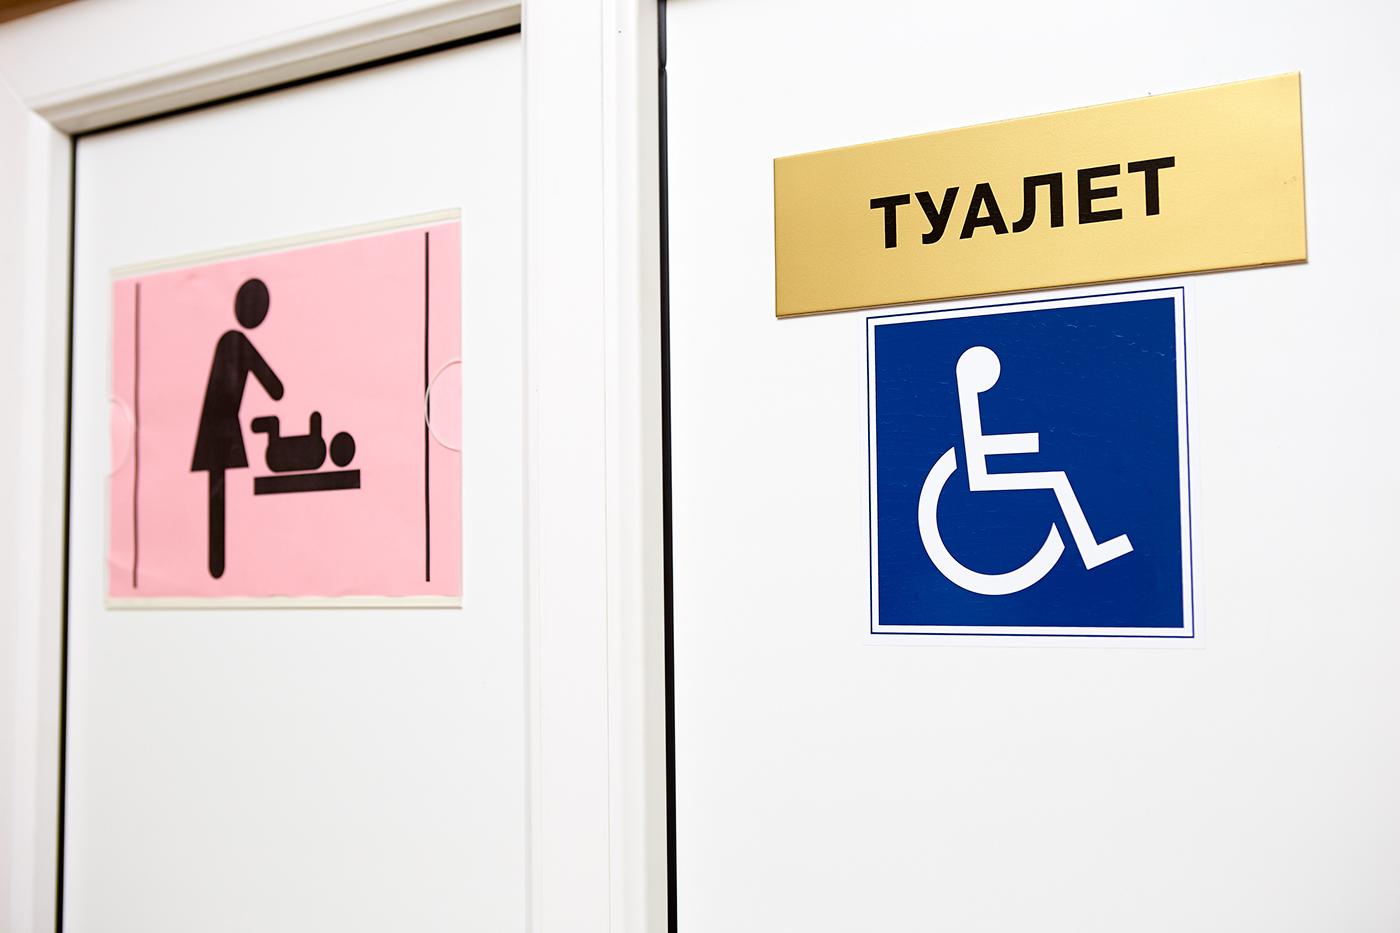 Сучасна, простора, доступна: у франківській поліклініці з'явилася вбиральня для людей з інвалідністю (ФОТО)